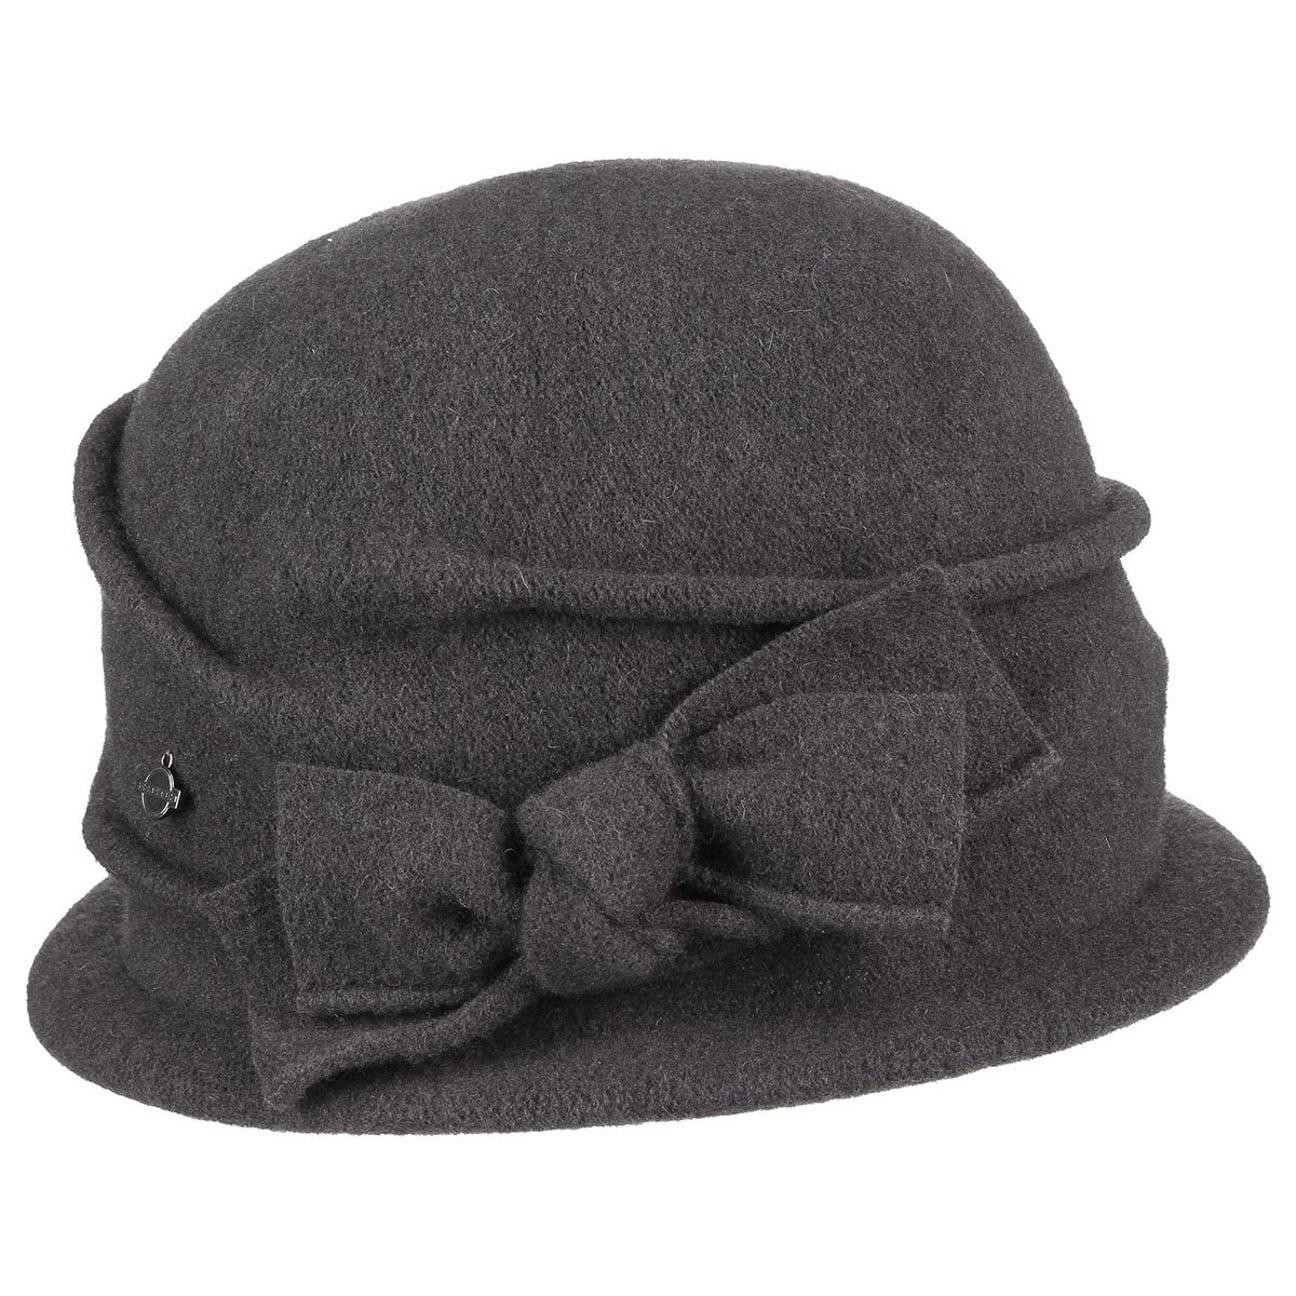 prodotto caldo seleziona per genuino acquisto economico Woolmark Cappello Lana Cotta by Seeberger